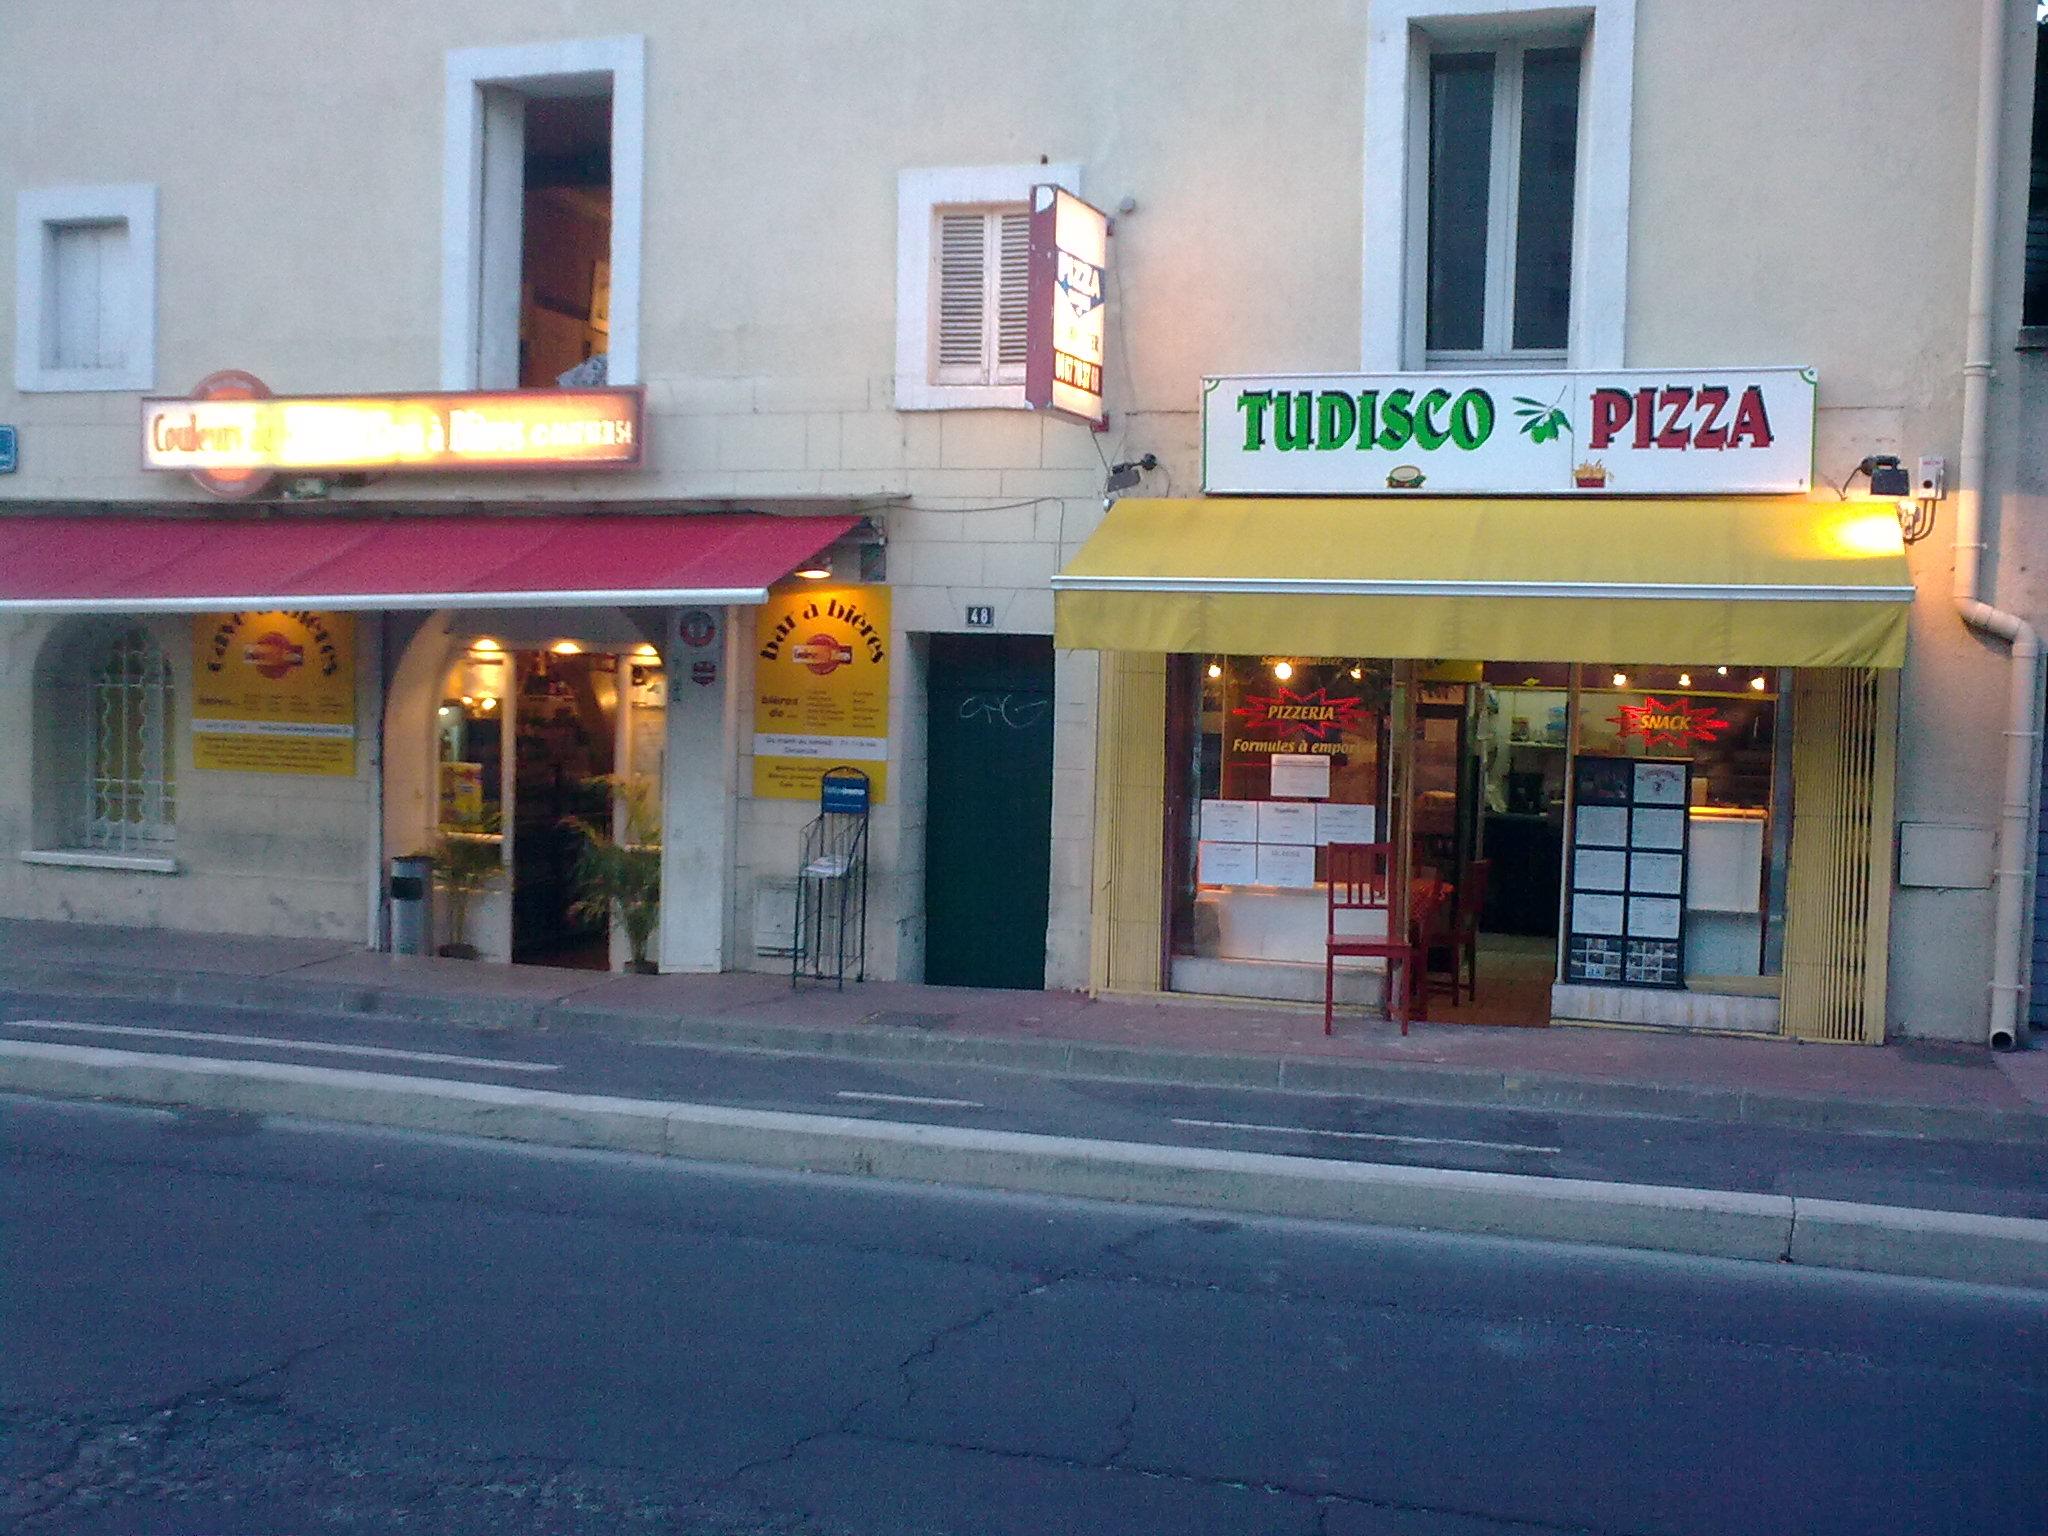 Tudisco-pizza